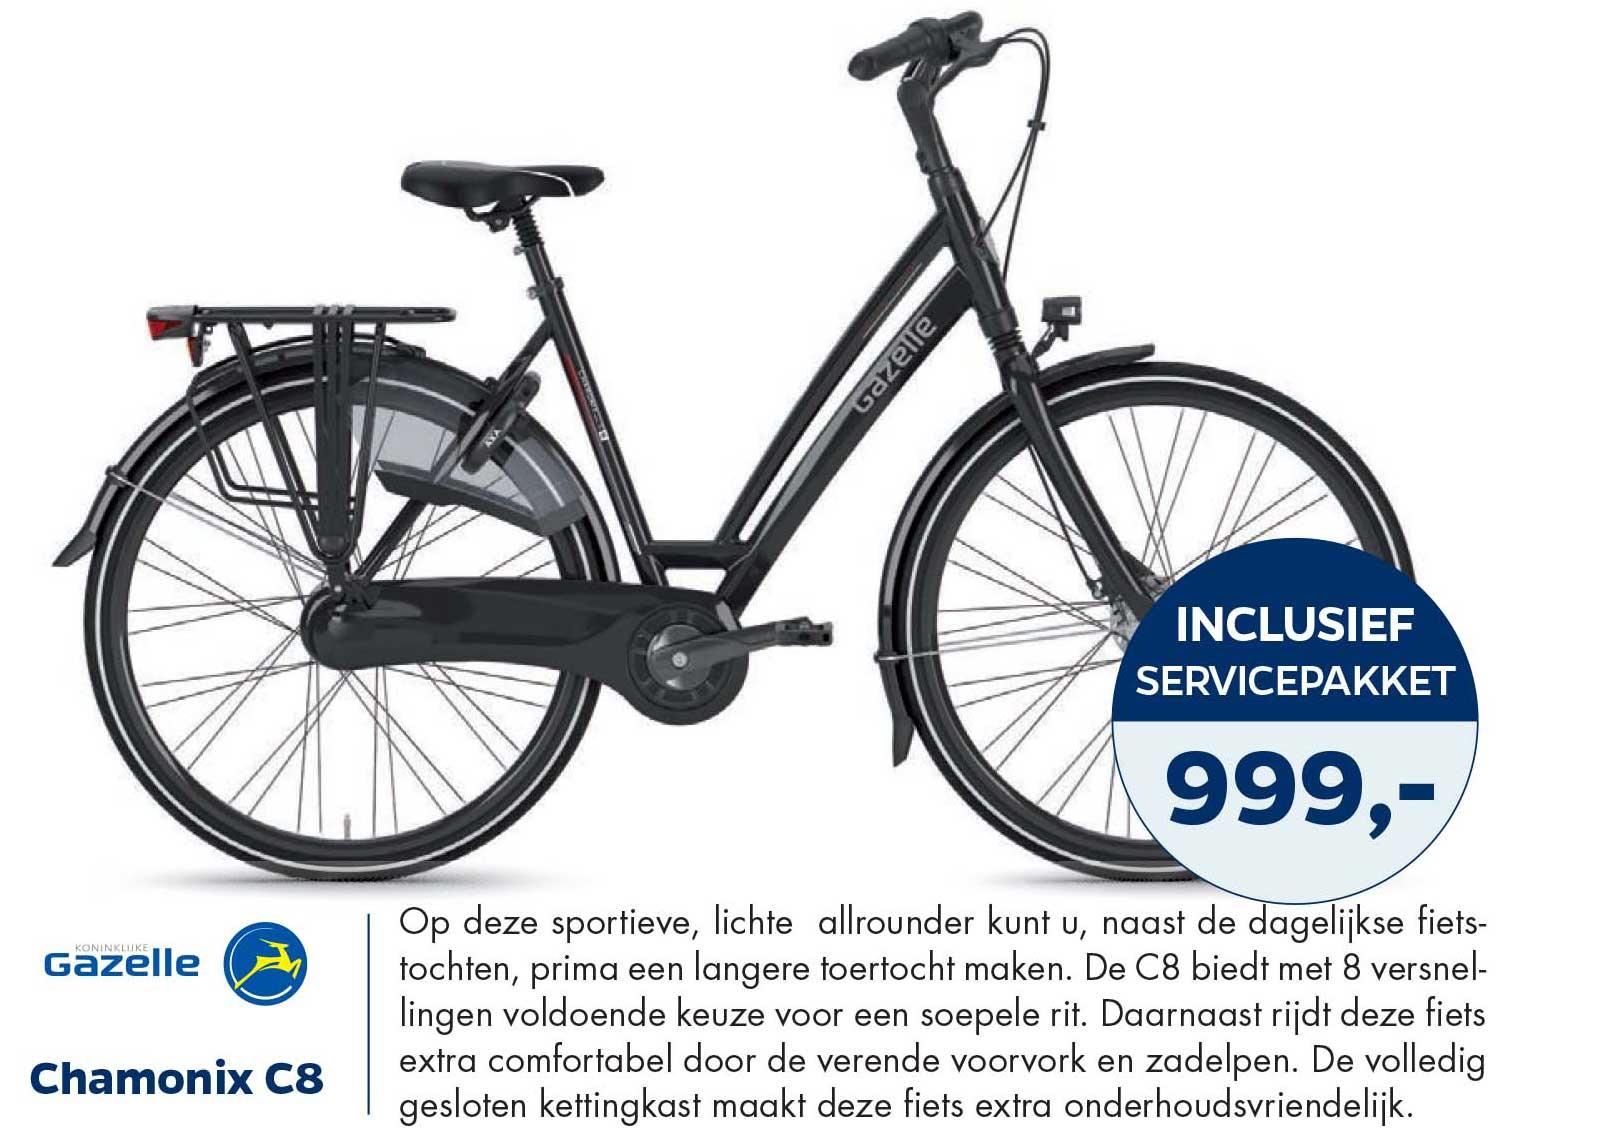 Bike Totaal Gazelle Chamonix C8